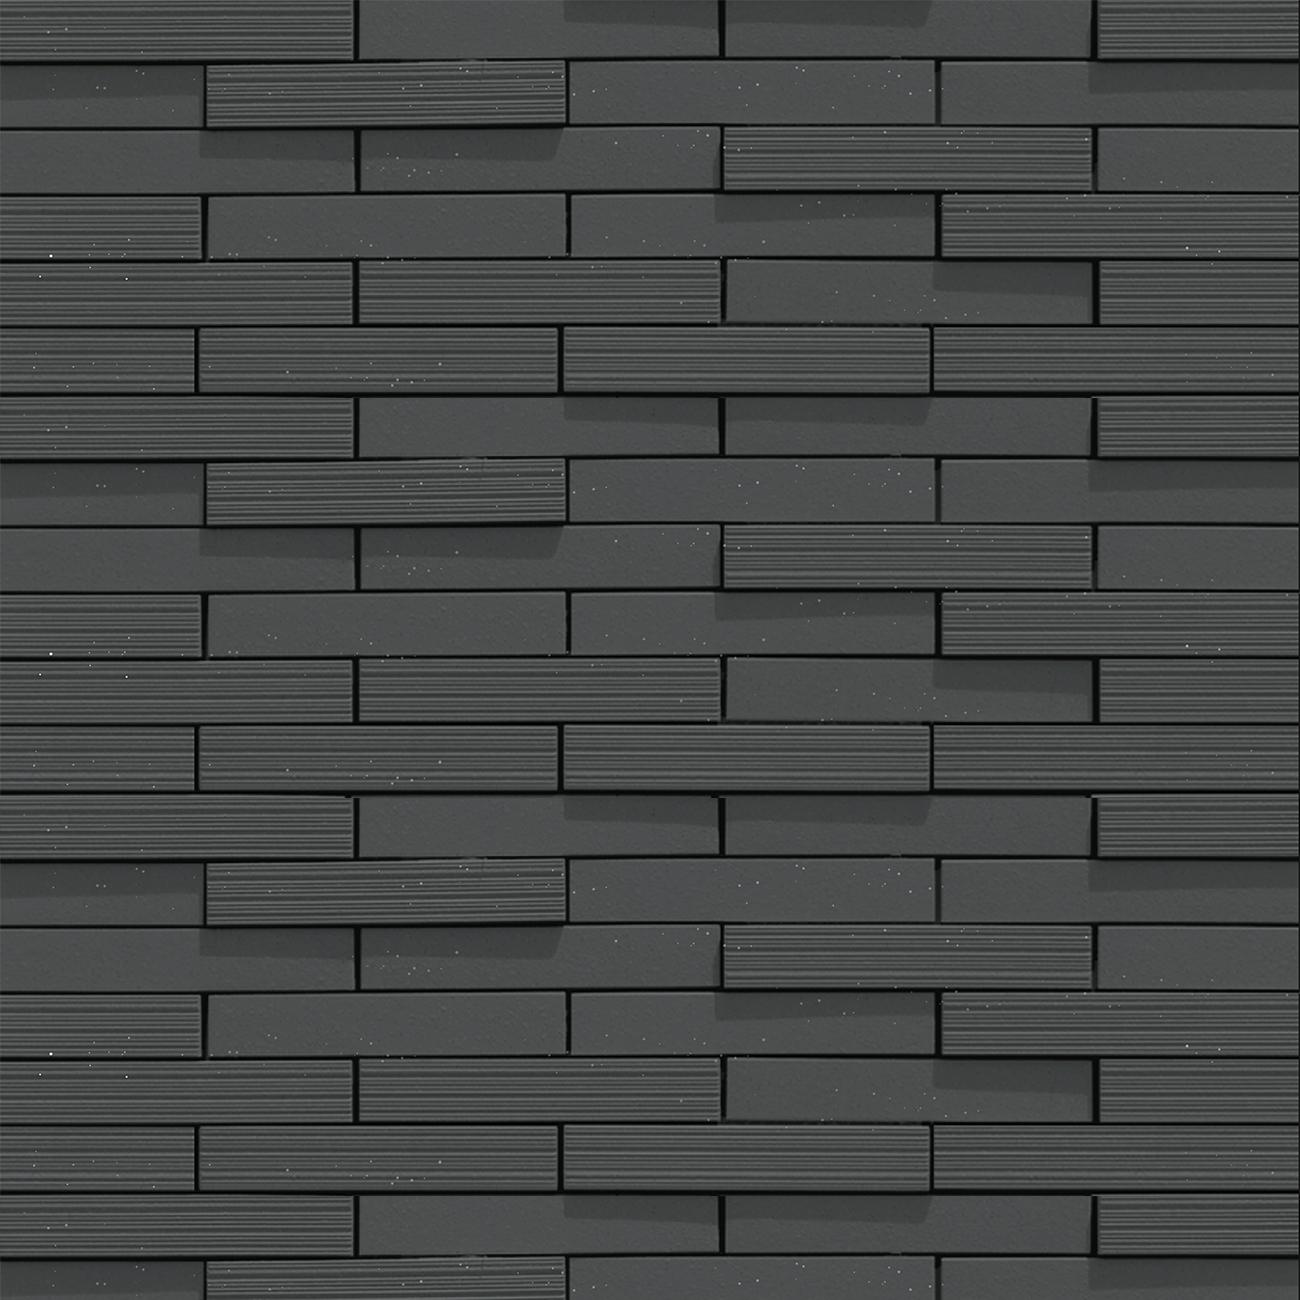 đen 10